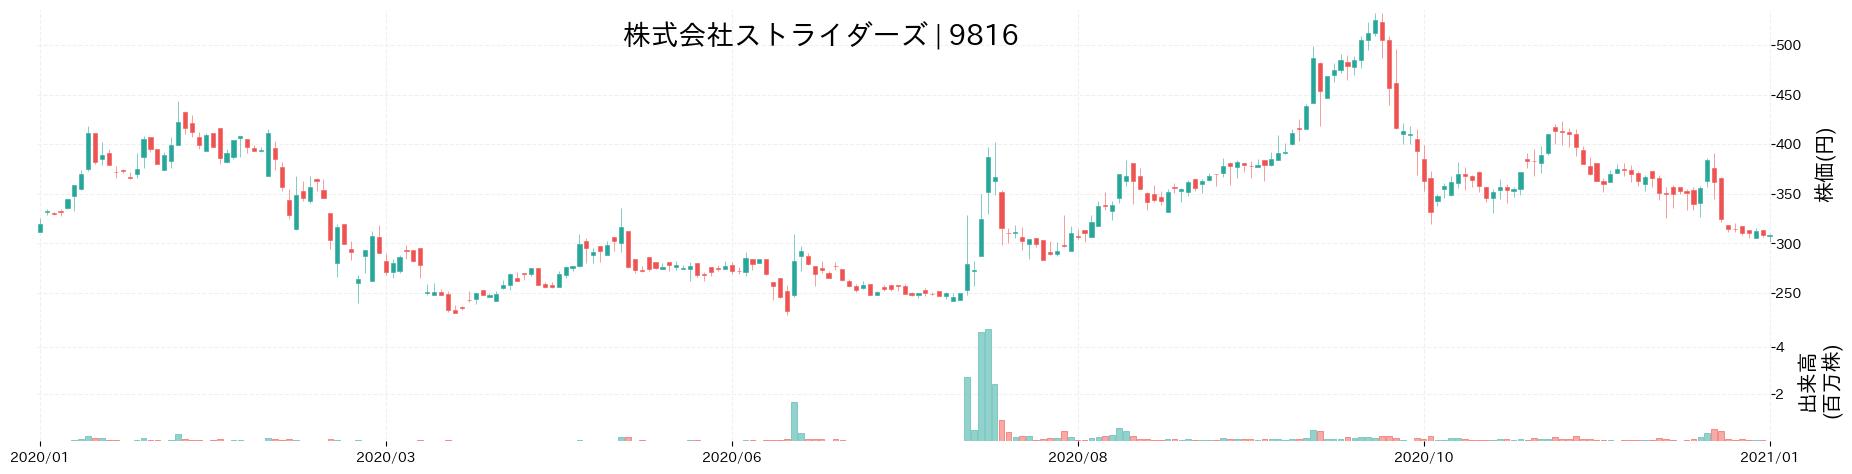 株式会社ストライダーズの株価推移(2020)